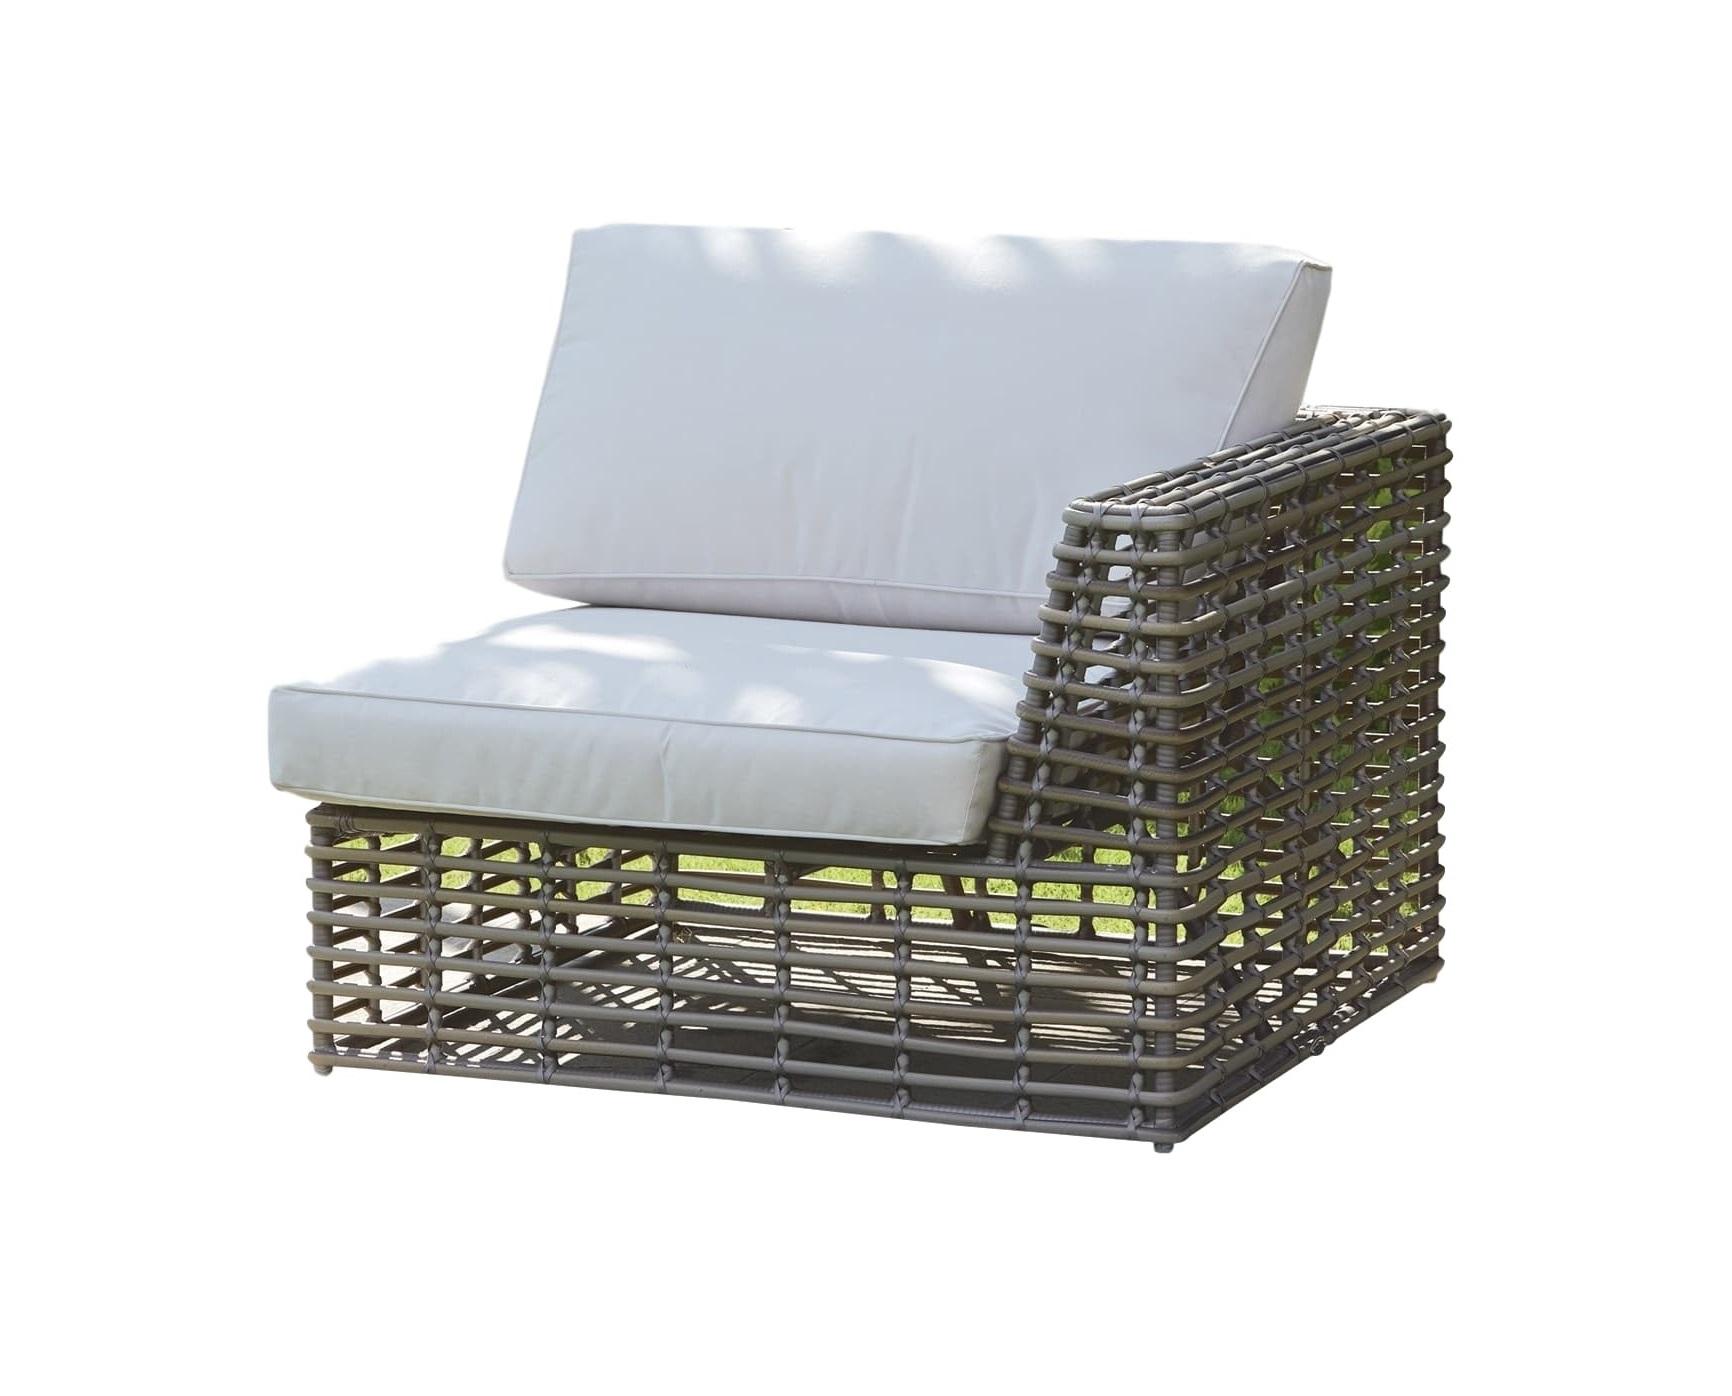 Правый модуль CastriesКомплекты уличной мебели<br>&amp;lt;div&amp;gt;Правый модуль дивана Castries&amp;lt;br&amp;gt;&amp;lt;/div&amp;gt;&amp;lt;div&amp;gt;&amp;lt;br&amp;gt;&amp;lt;/div&amp;gt;Садовая мебель испанской фабрики Skyline Design  делается в ручную. Основной материал – очень прочное синтетическое волокно Viro или Rehau, внешне похожее на ротанг. Материал не теряет своих качеств со временем, устойчив к перепадам температуры (до -70 С), осадкам и солнечному излучению.<br><br>Material: Искусственный ротанг<br>Ширина см: 99<br>Высота см: 66<br>Глубина см: 99